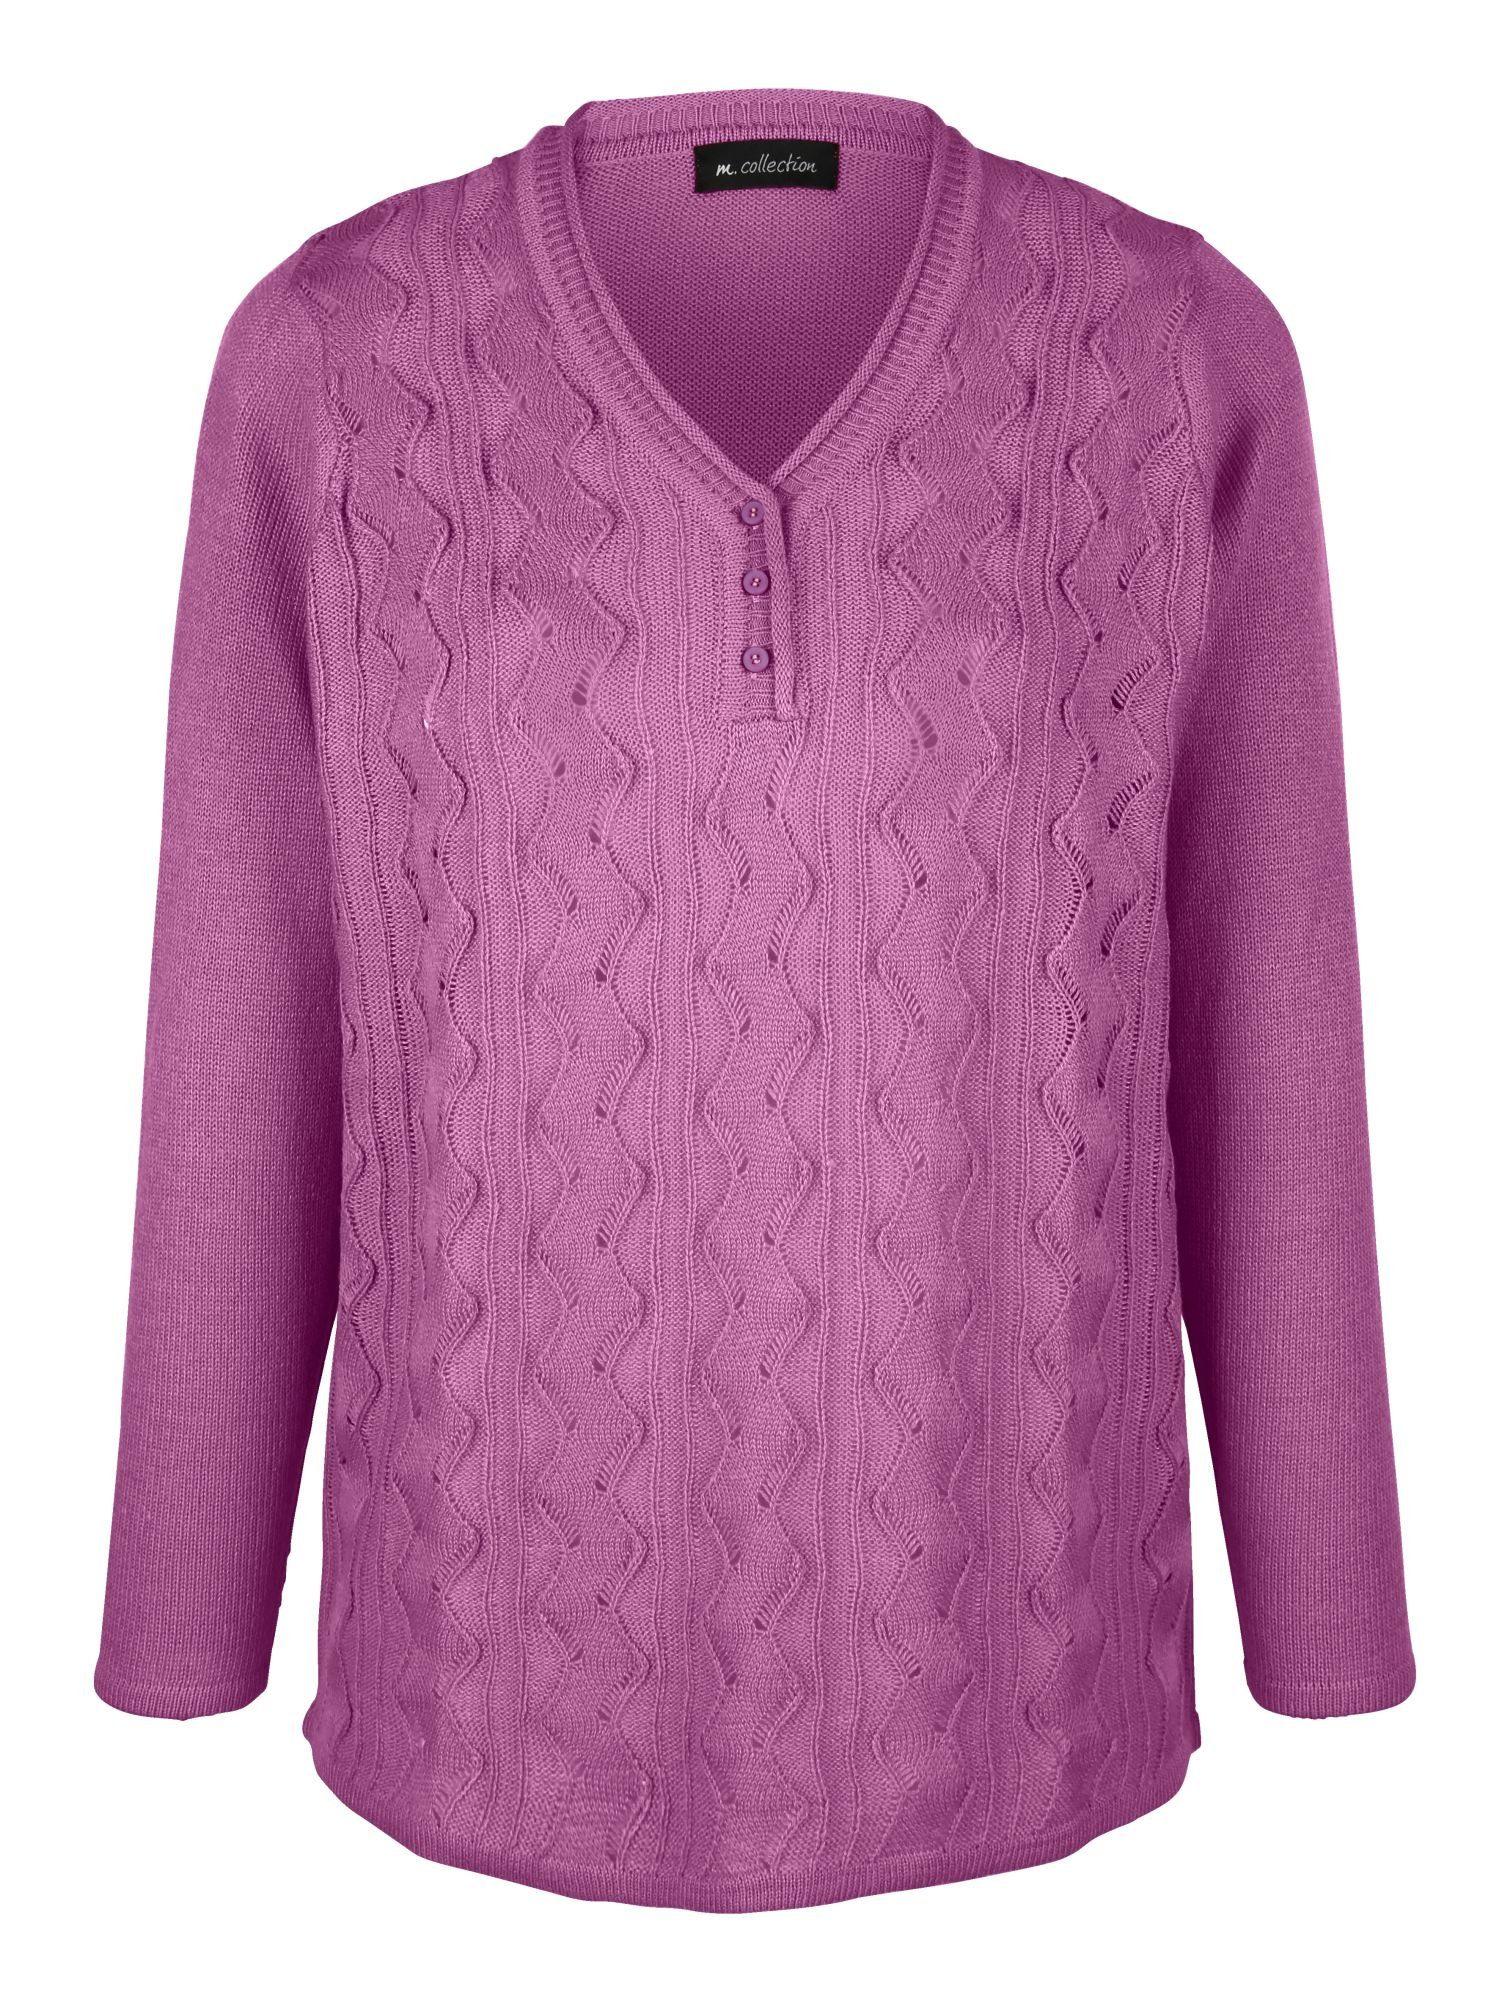 m. collection - m collection Pullover mit streckendem Längsstrick- und Ajourmuster